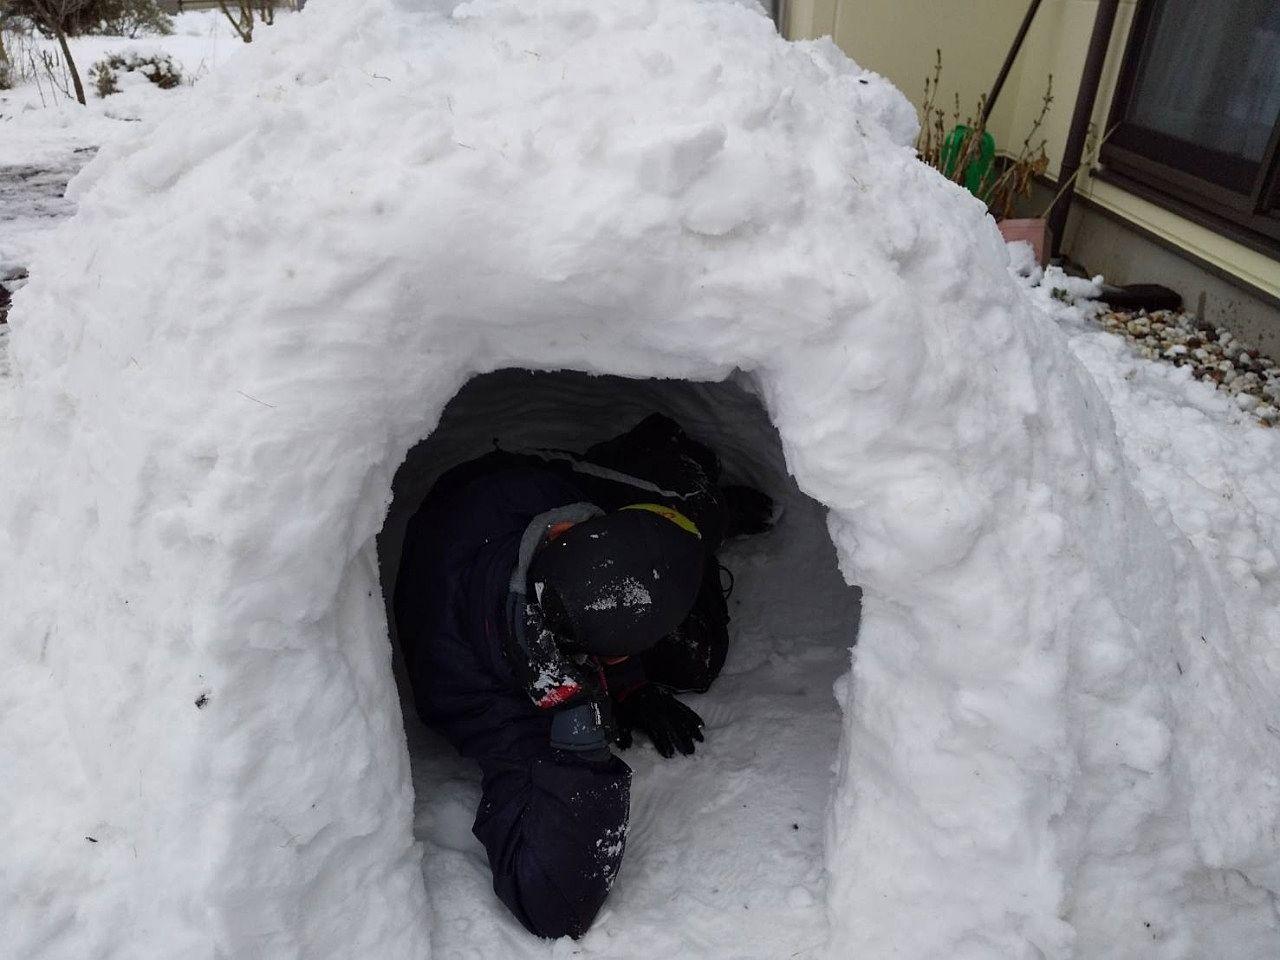 雪遊びで発散✩ なごり雪を楽しむ